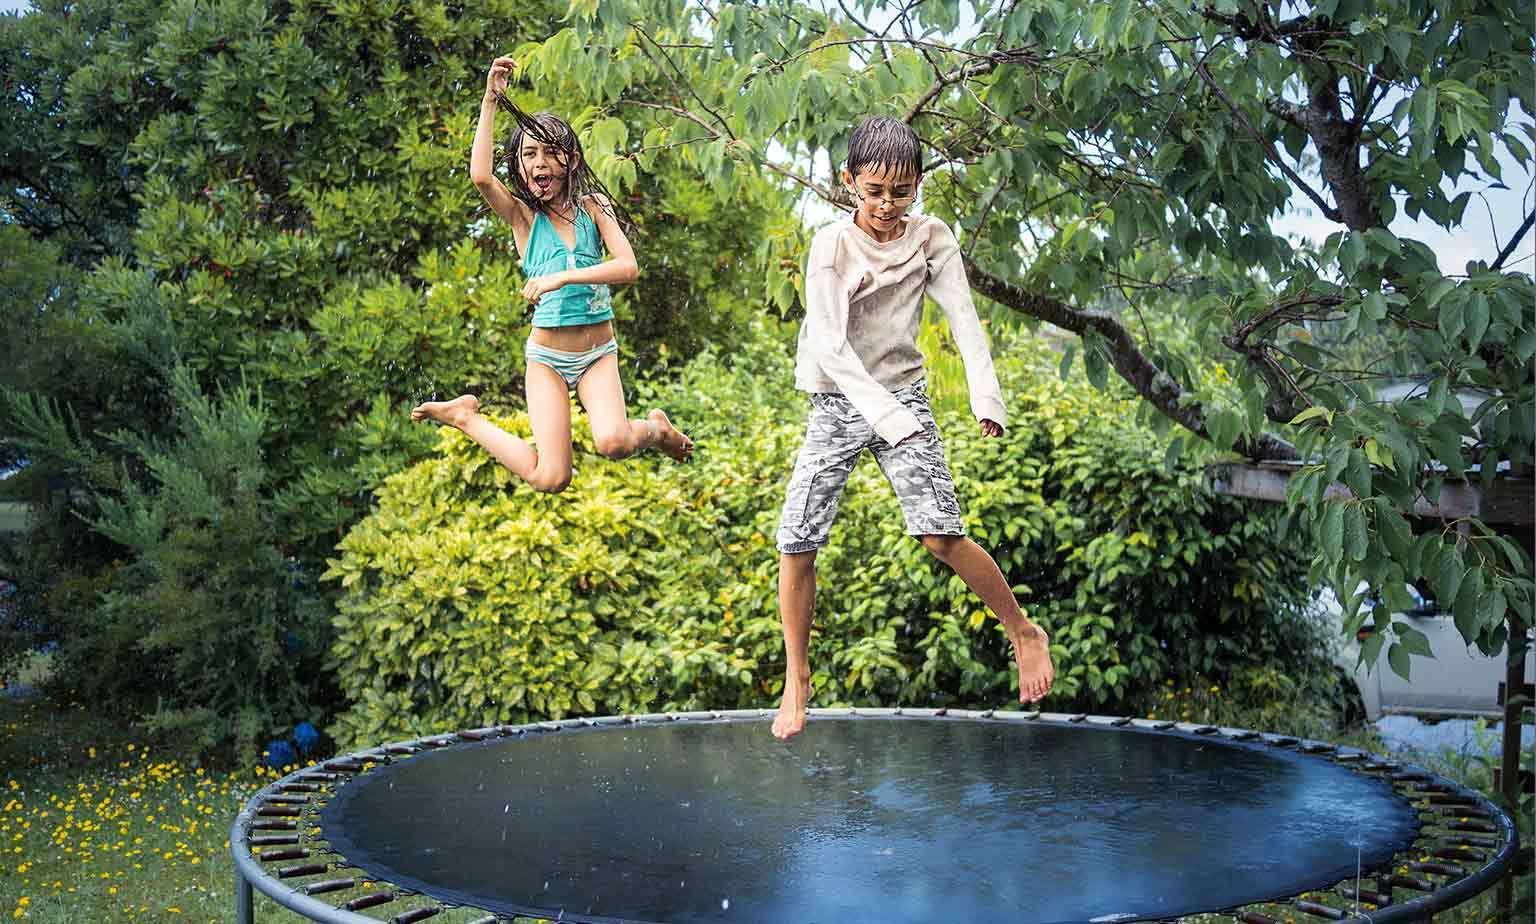 Bis zu -20 % auf Gartenspielzeug & Pools - Jetzt Shoppen!